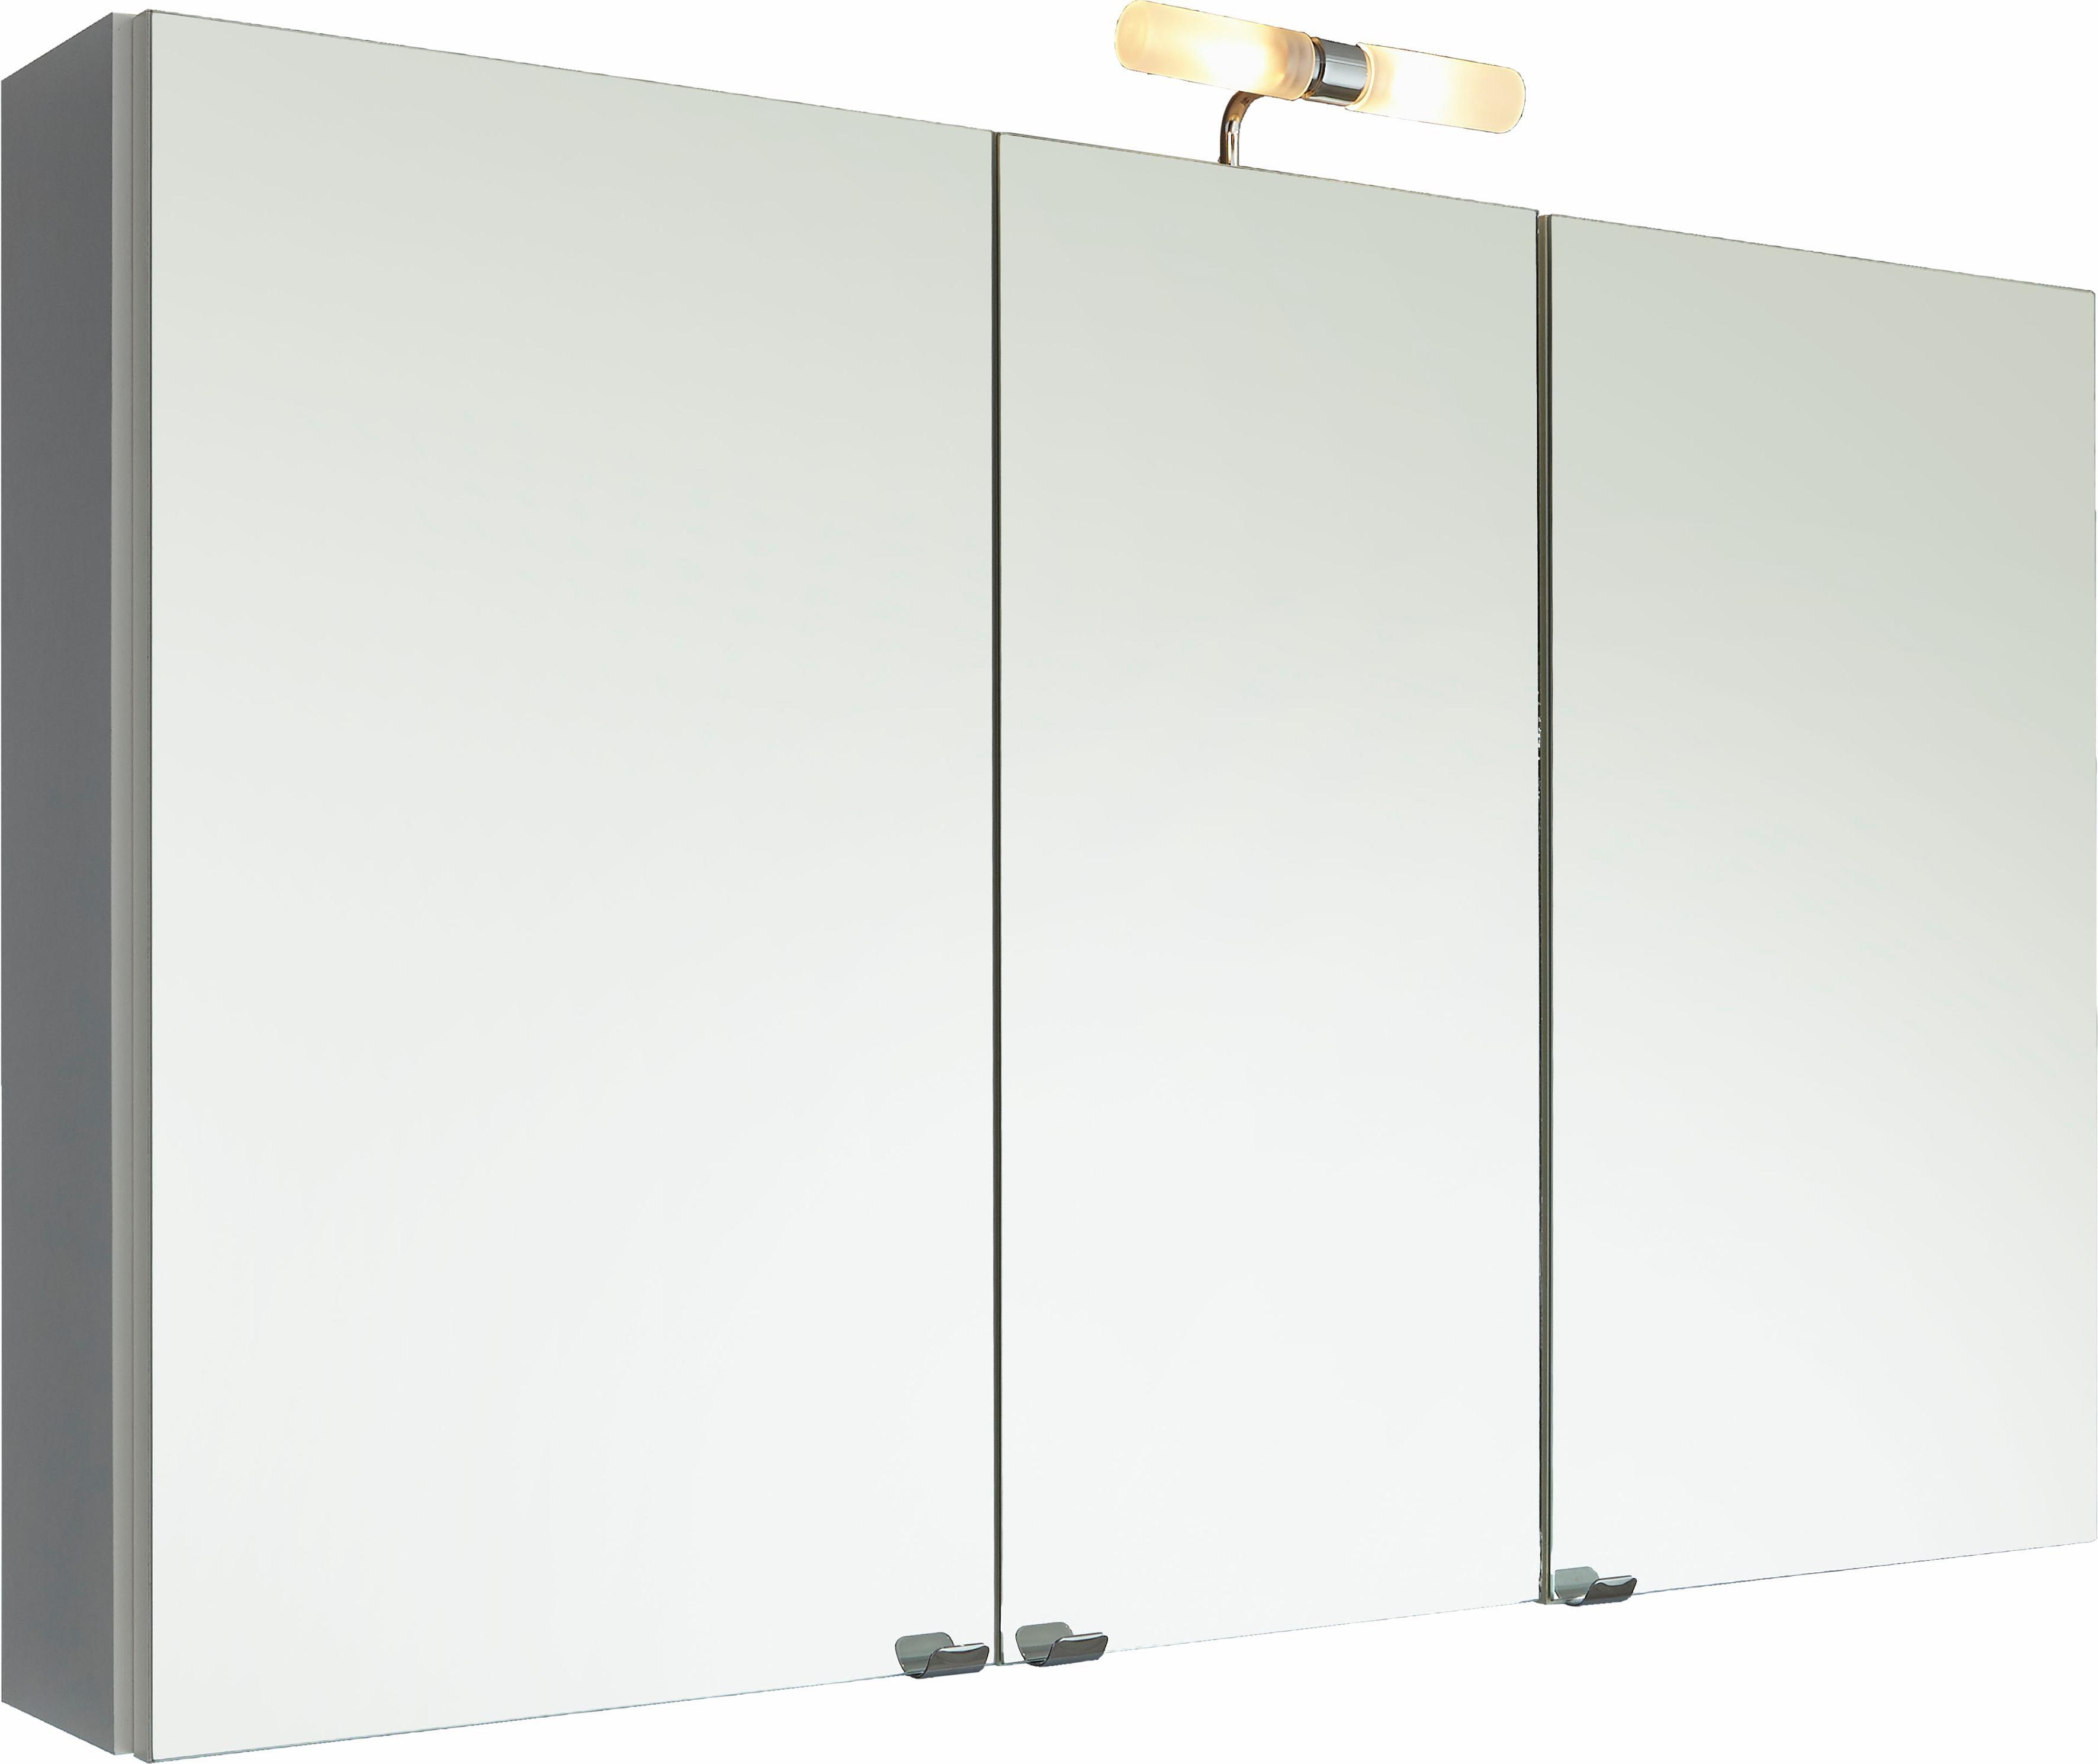 Posseik Spiegelschrank »Anton« mit Beleuchtung